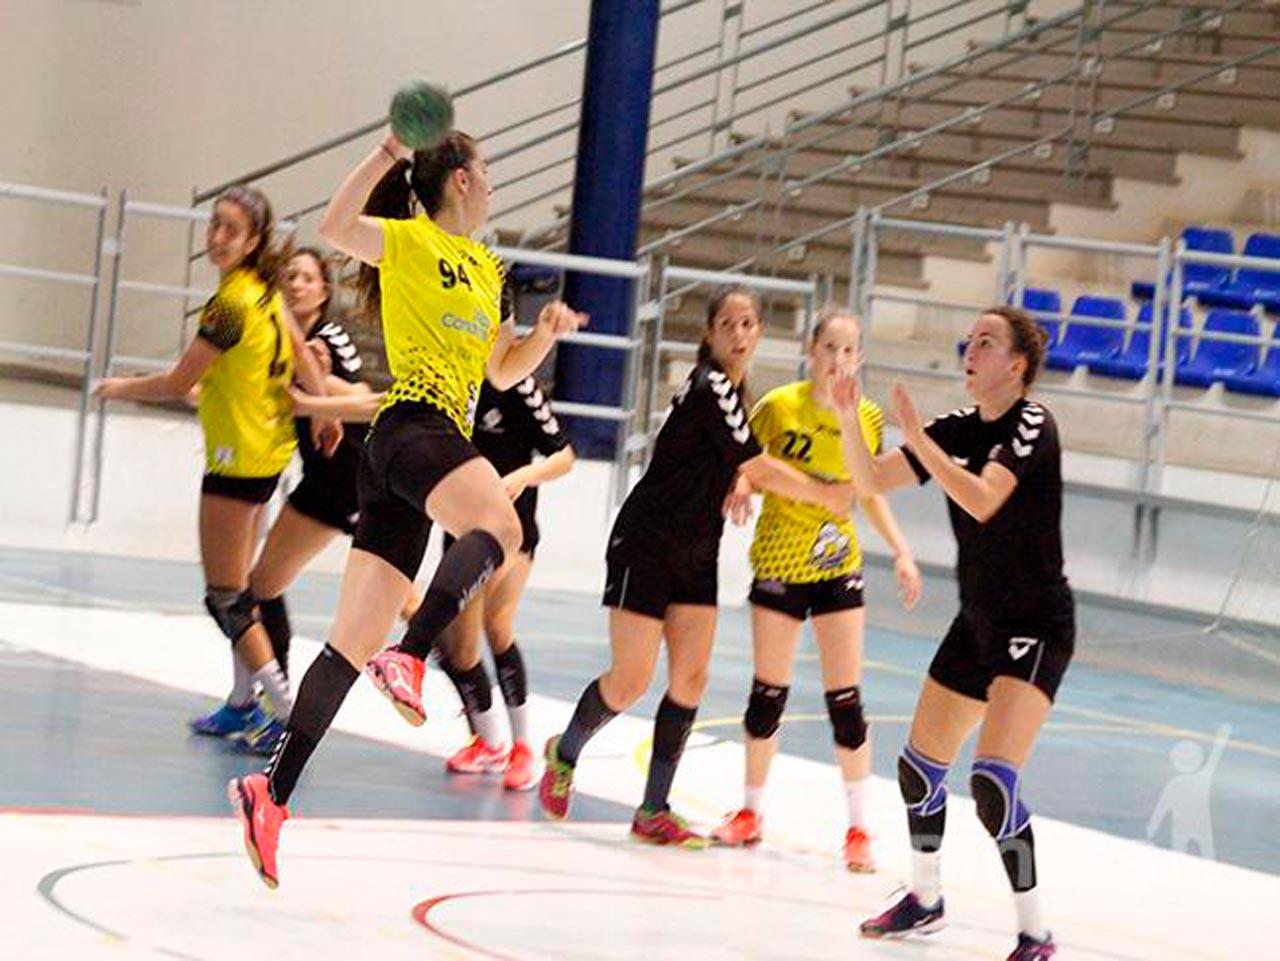 Las juveniles del CB Puerto del Carmen disputan el Campeonato de Canarias